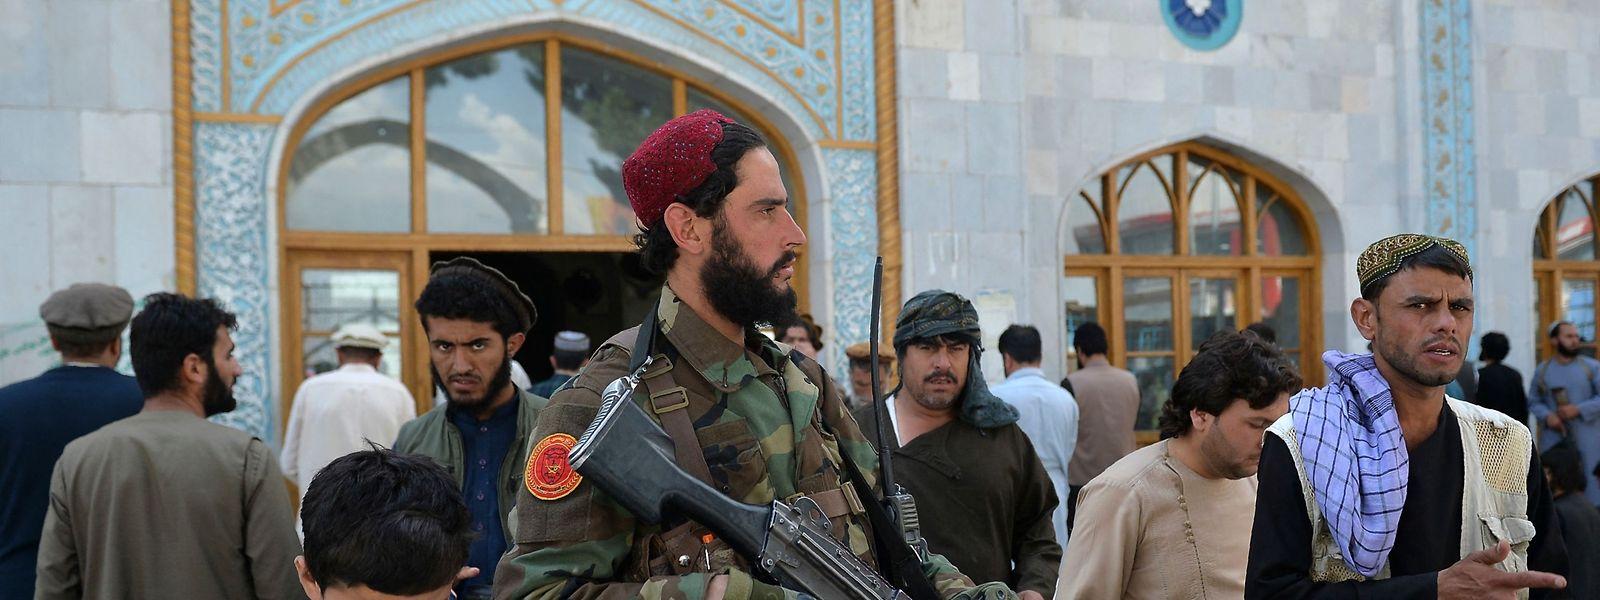 Vor einer Moschee in Kabul wacht während des Freitagsgebets ein Taliban-Kämpfer.